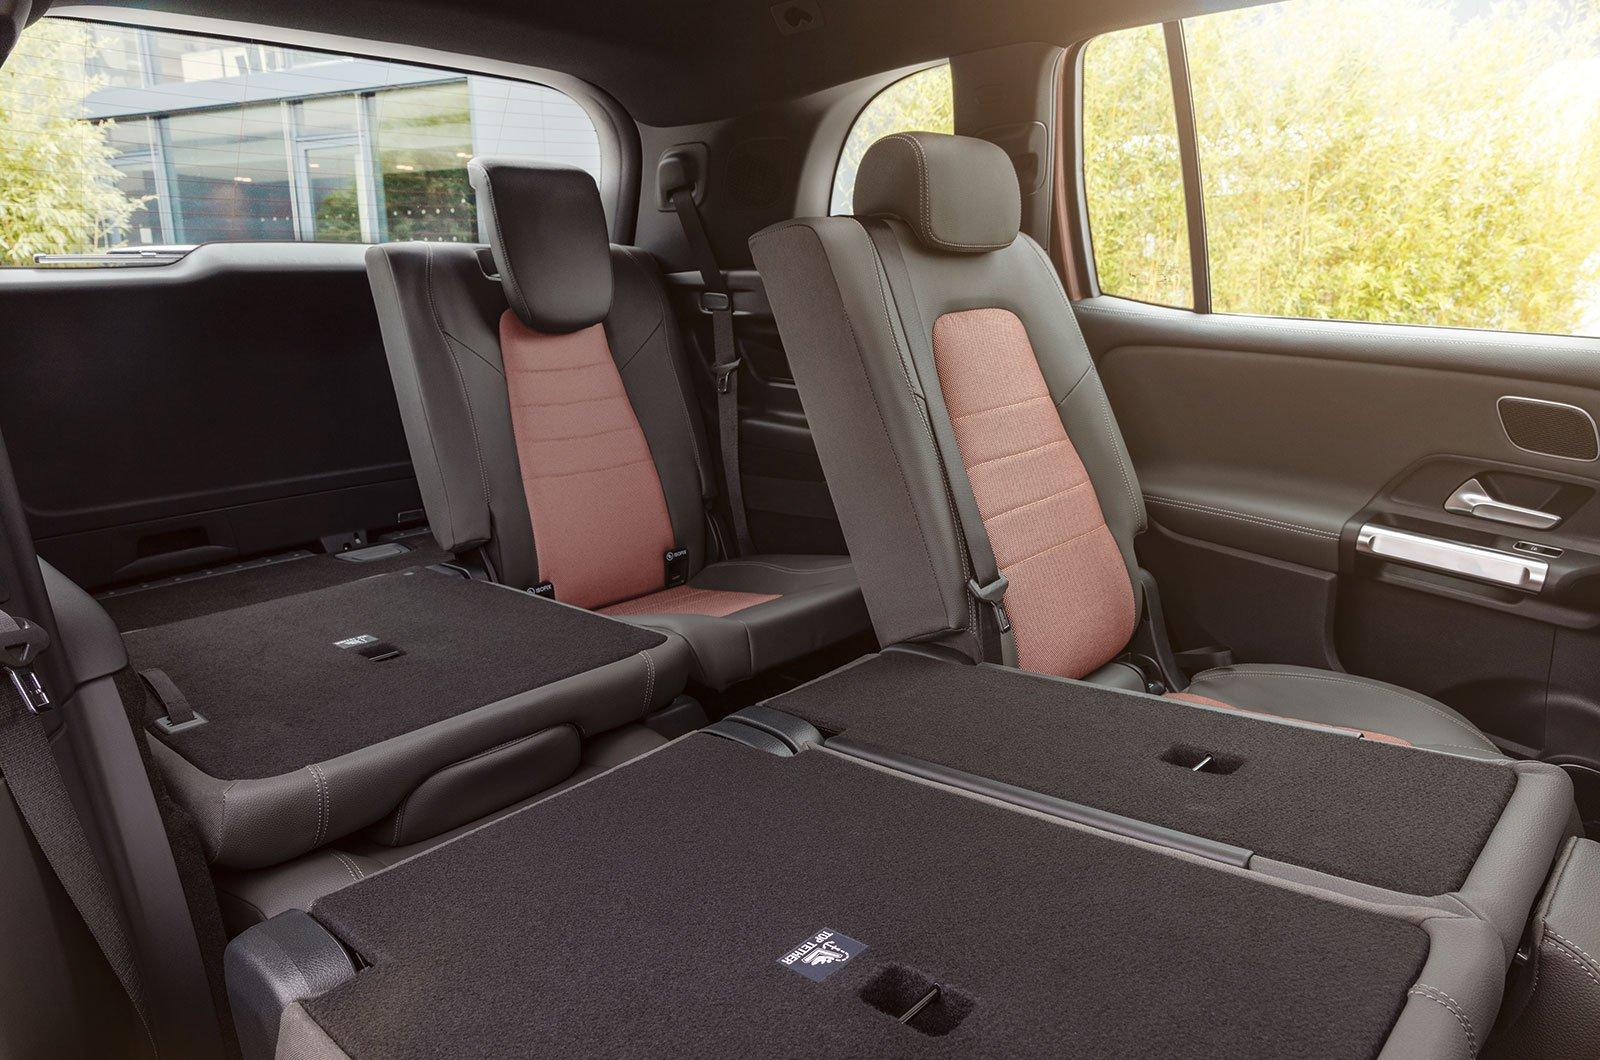 2021 Mercedes EQB seats